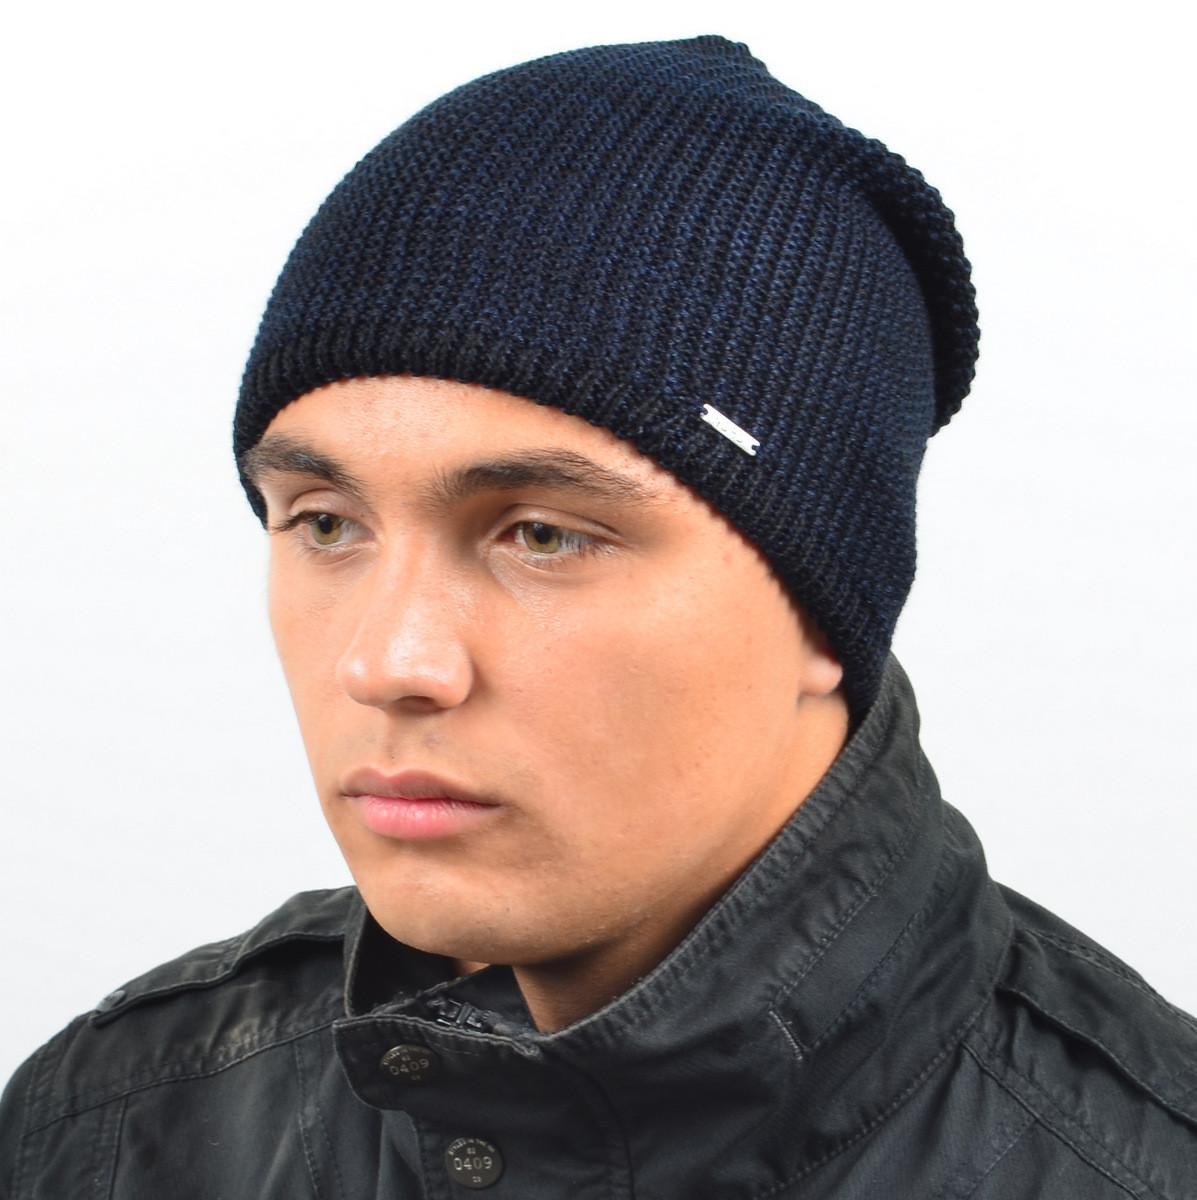 Мужская удлиненная шапка NORD синий+ черный меланж